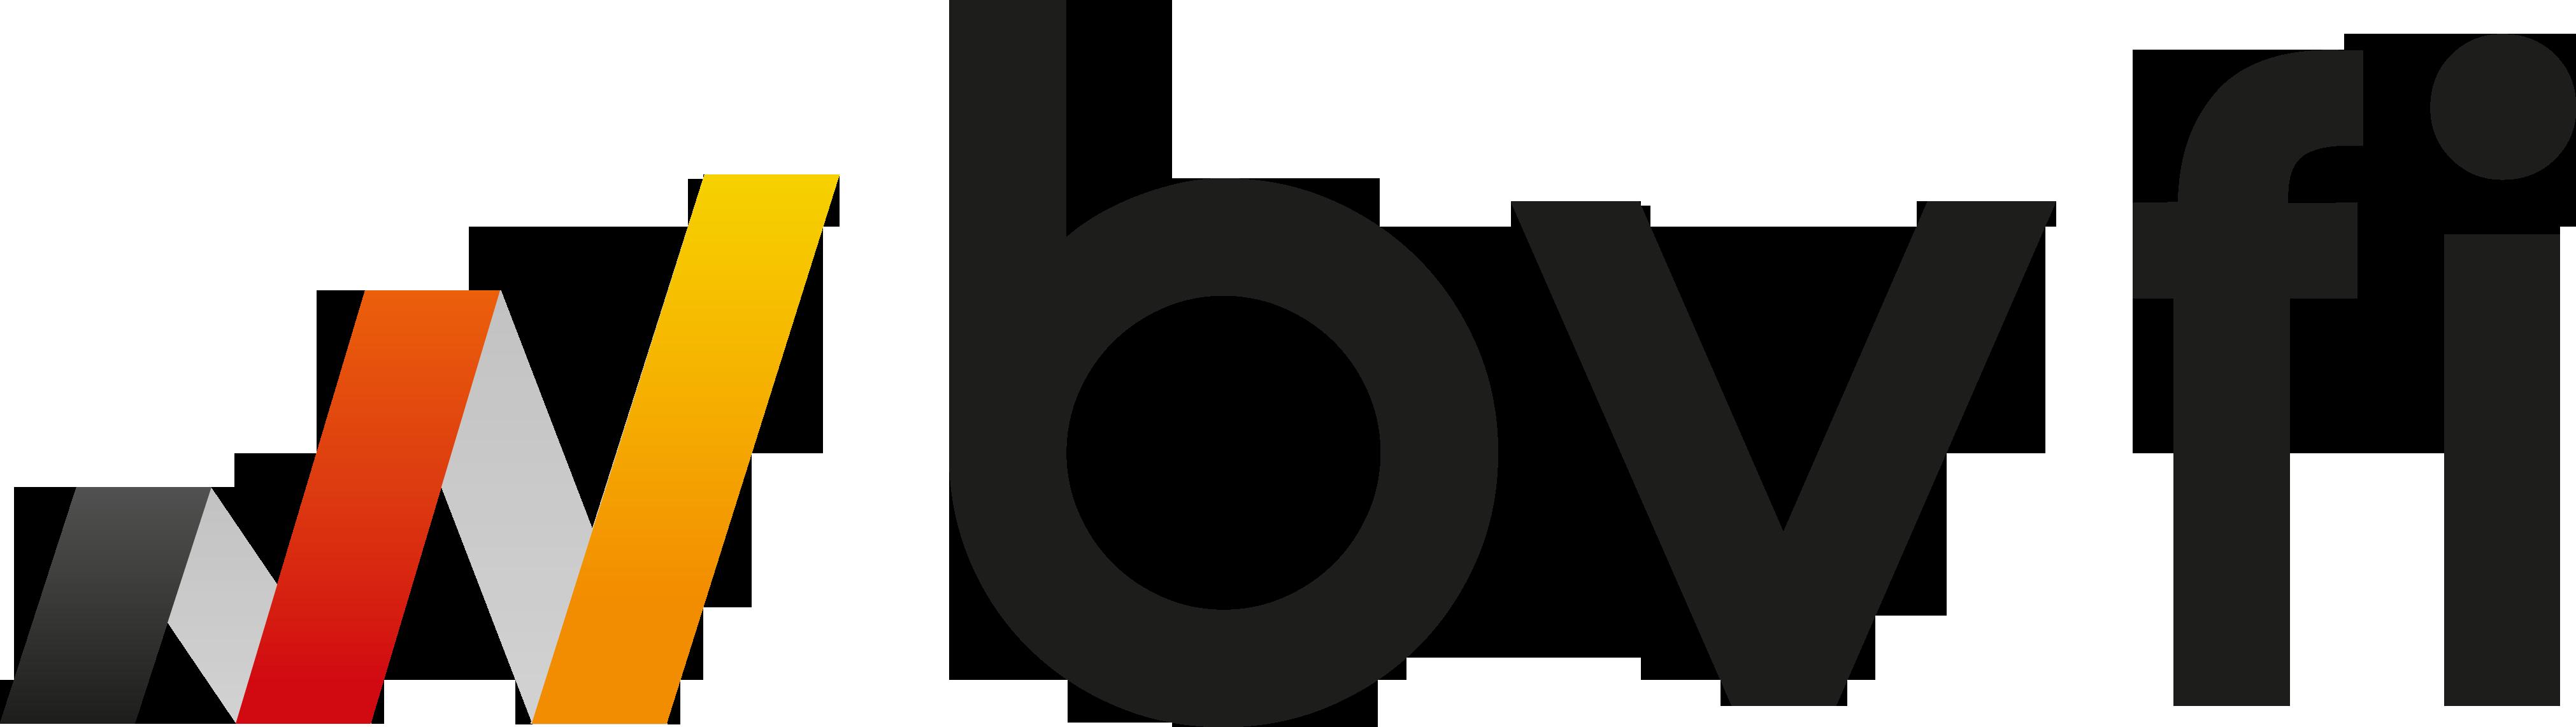 bvfi - Bundesverband